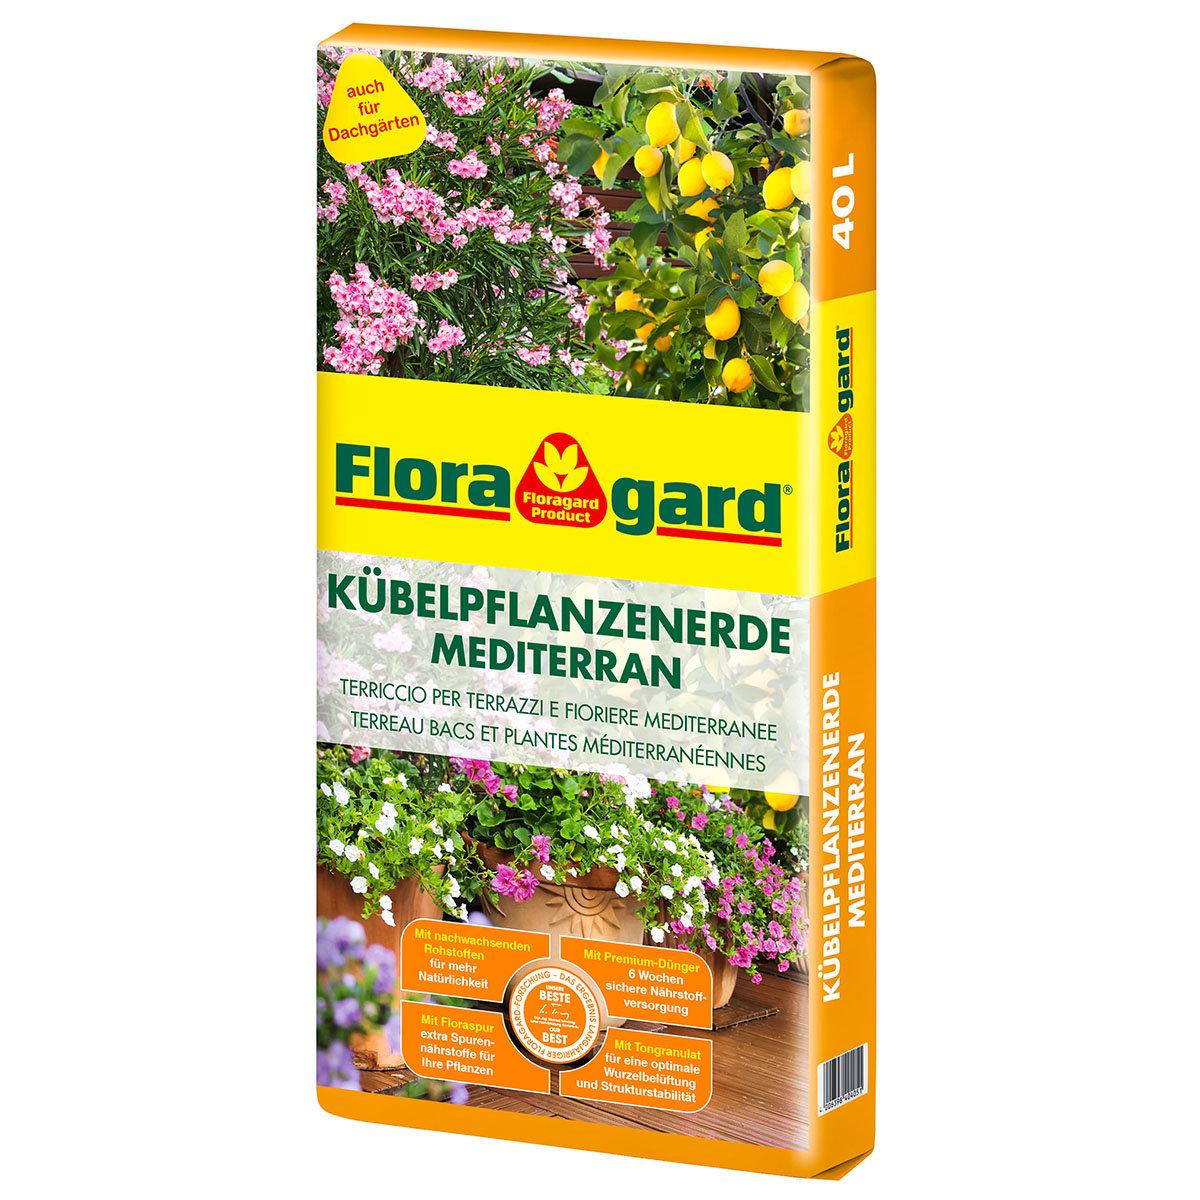 Mediterrane Kübelpflanzenerde, 40 Liter